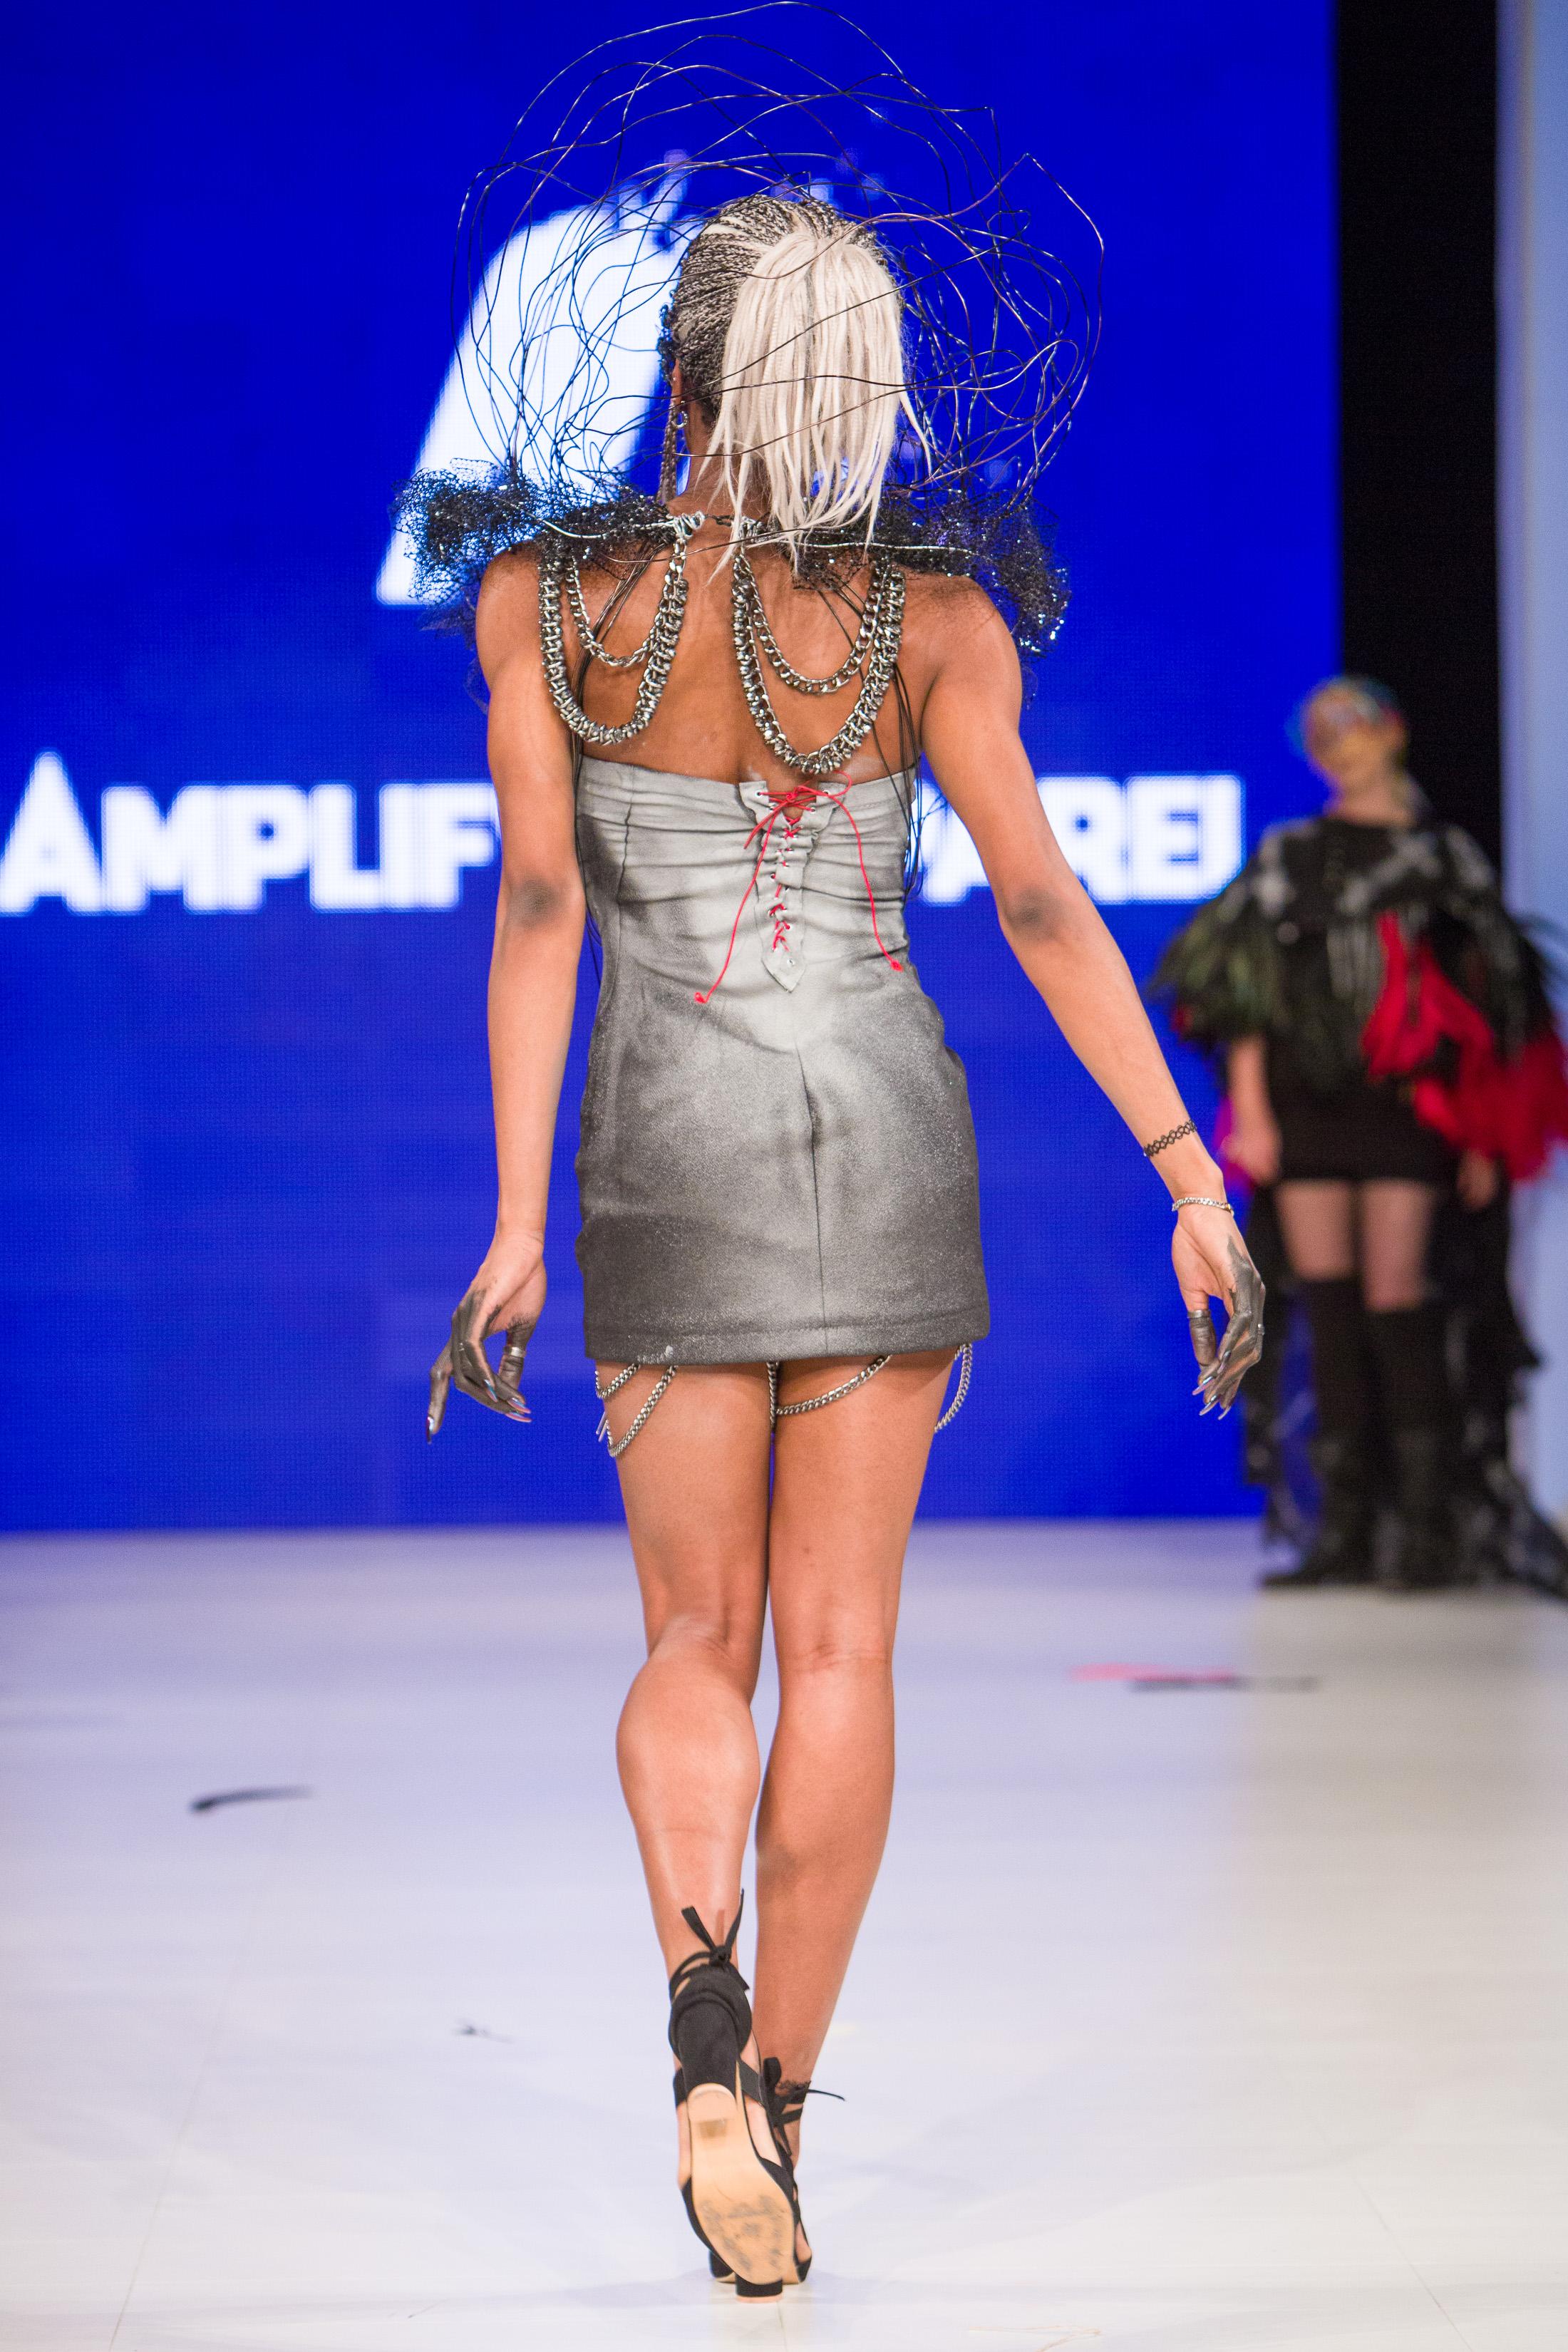 FAT2018-Wed-April-18-amplify-apparel-runway-shayne-gray-7955.jpg